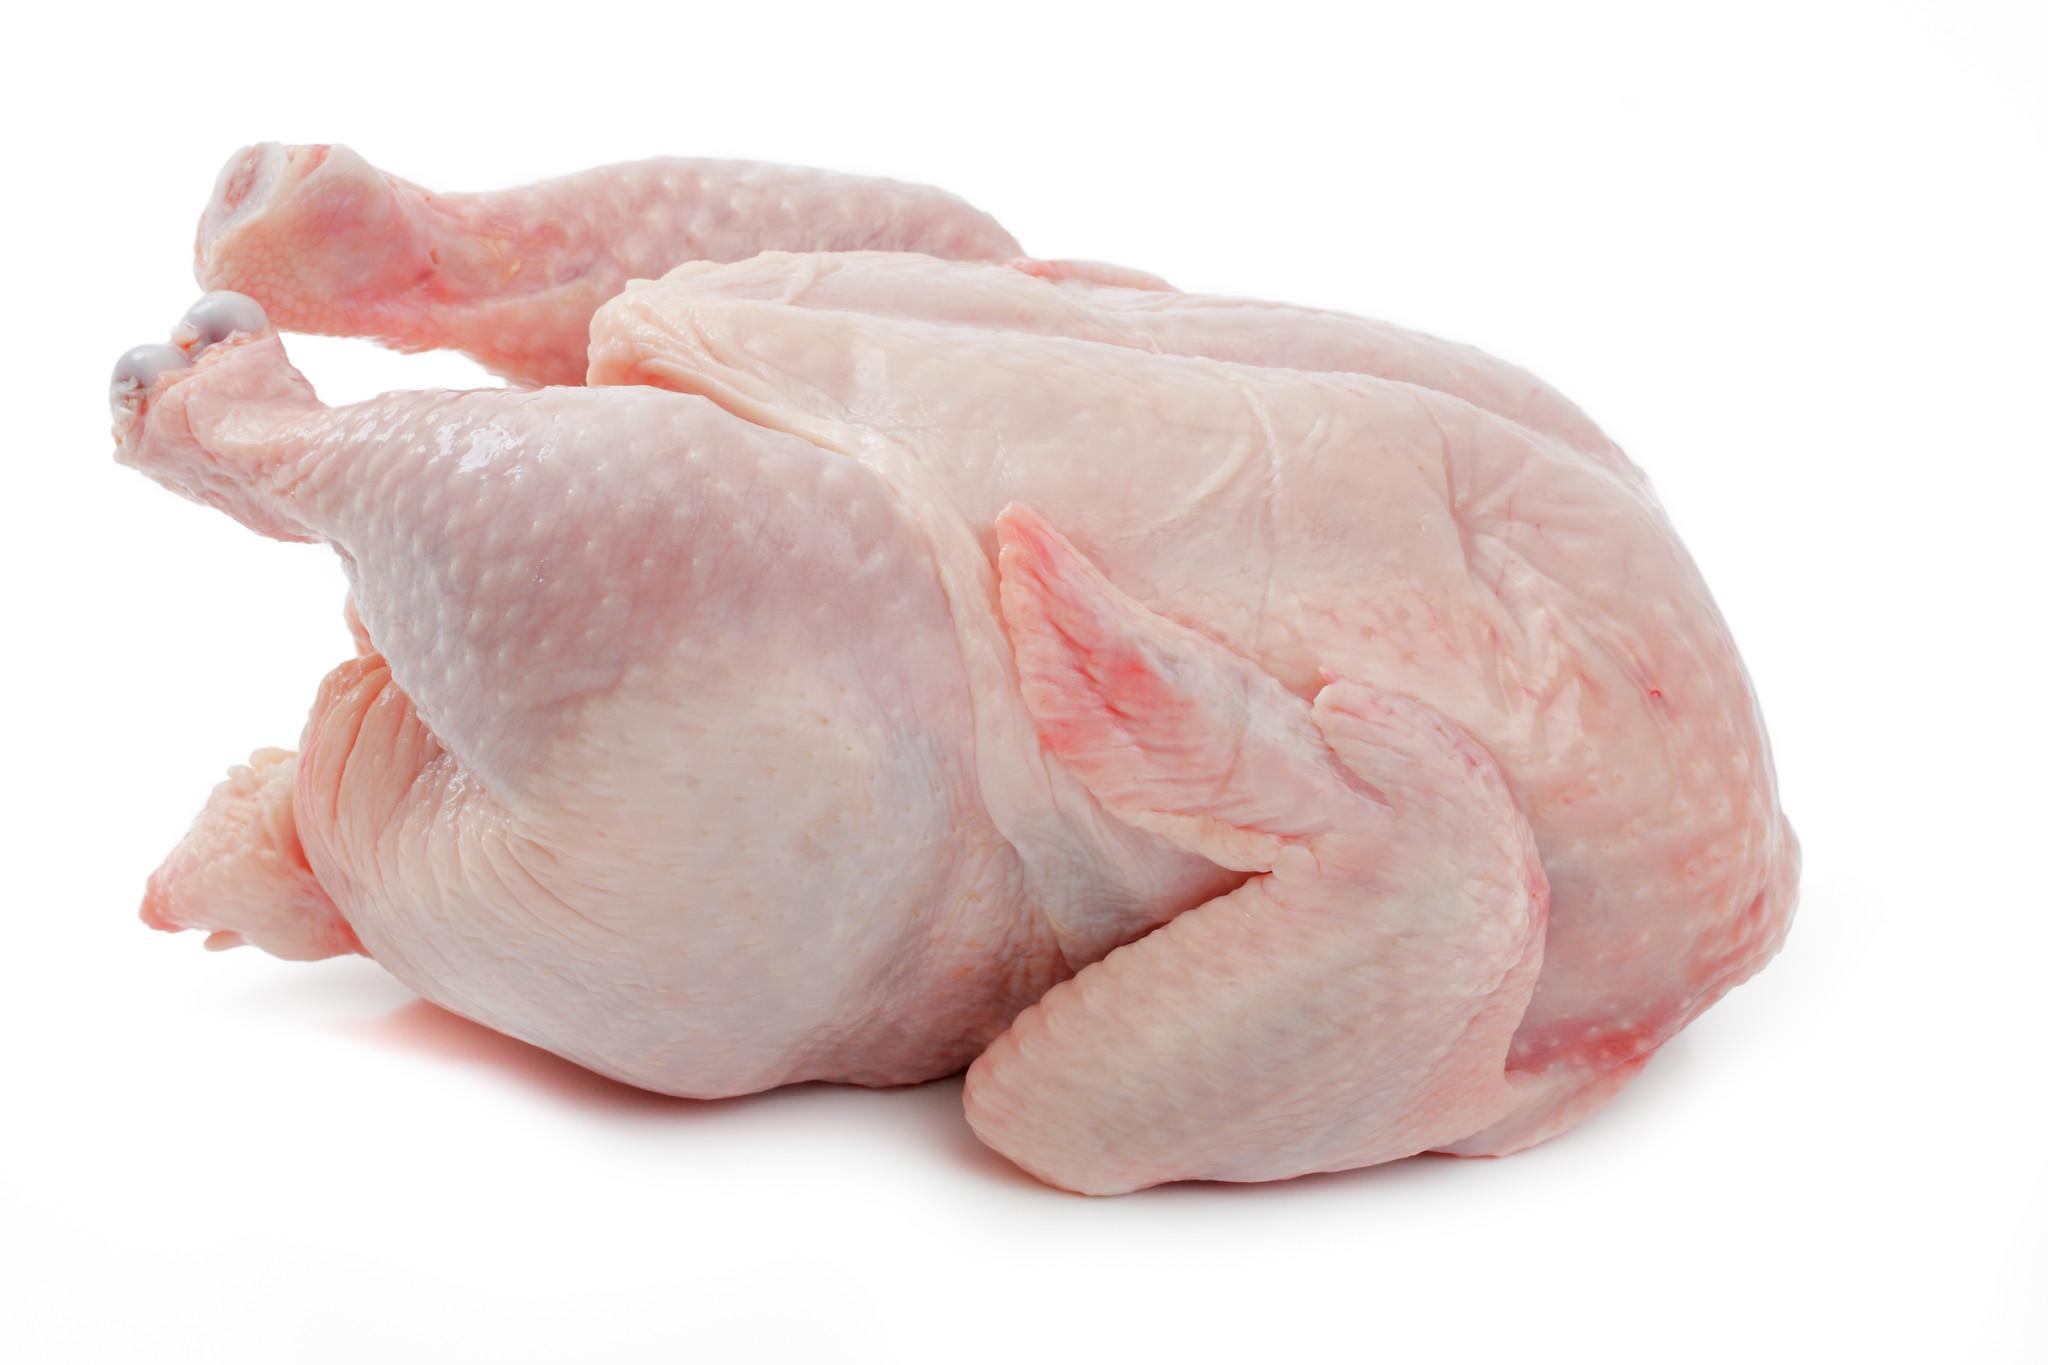 وزارة الزراعة تكشف  مصدر فيروس أنفلونزا الطيور { H5N8} في العراق وظهوره في محافظة صلاح الدين